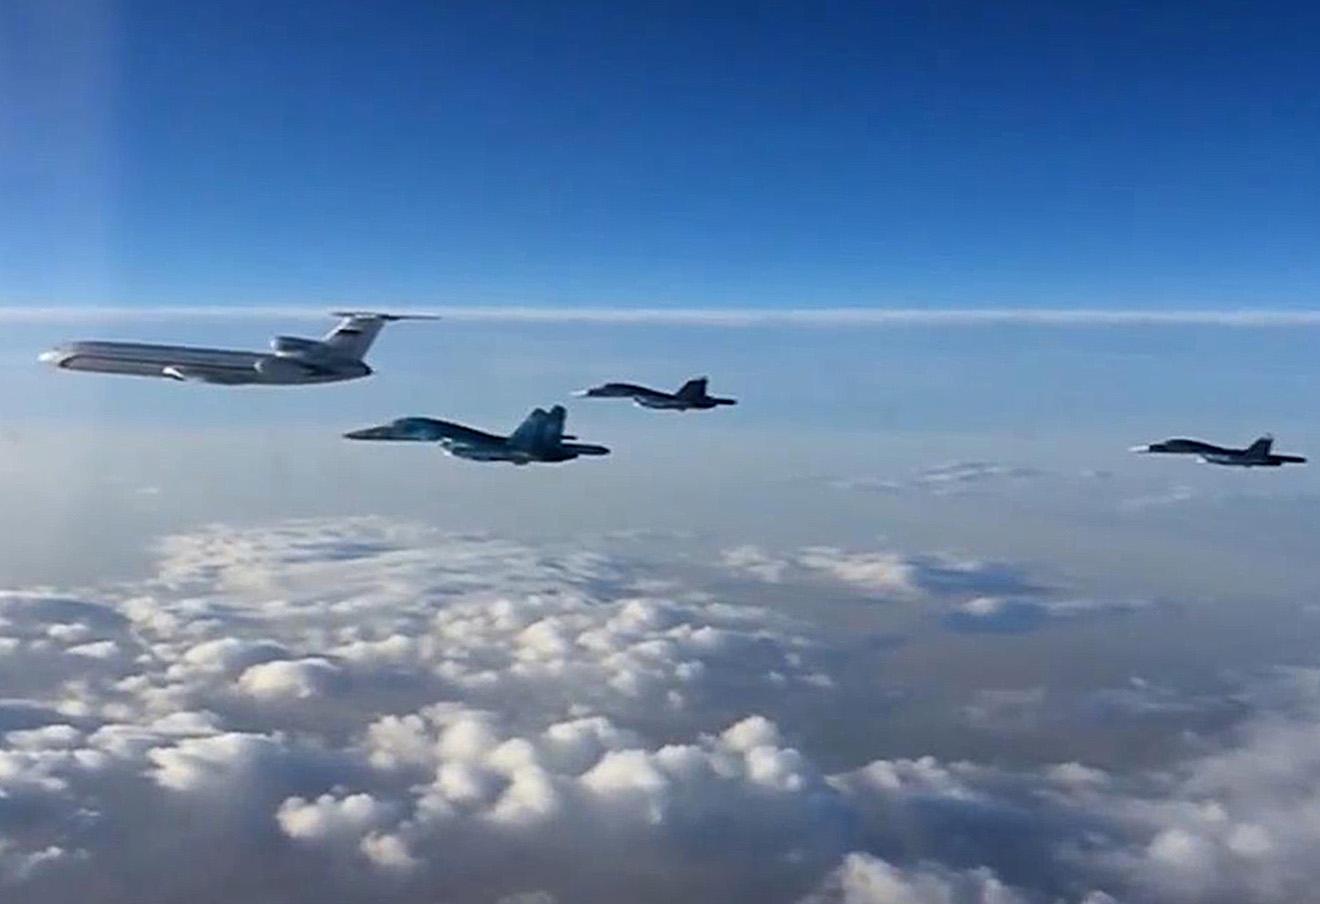 Группа российских самолетов — Ту-154 и многофункциональные бомбардировщики Су-34 — во время перелета с авиабазы Хмеймим в пункты постоянного базирования на территории России, март 2016 года.